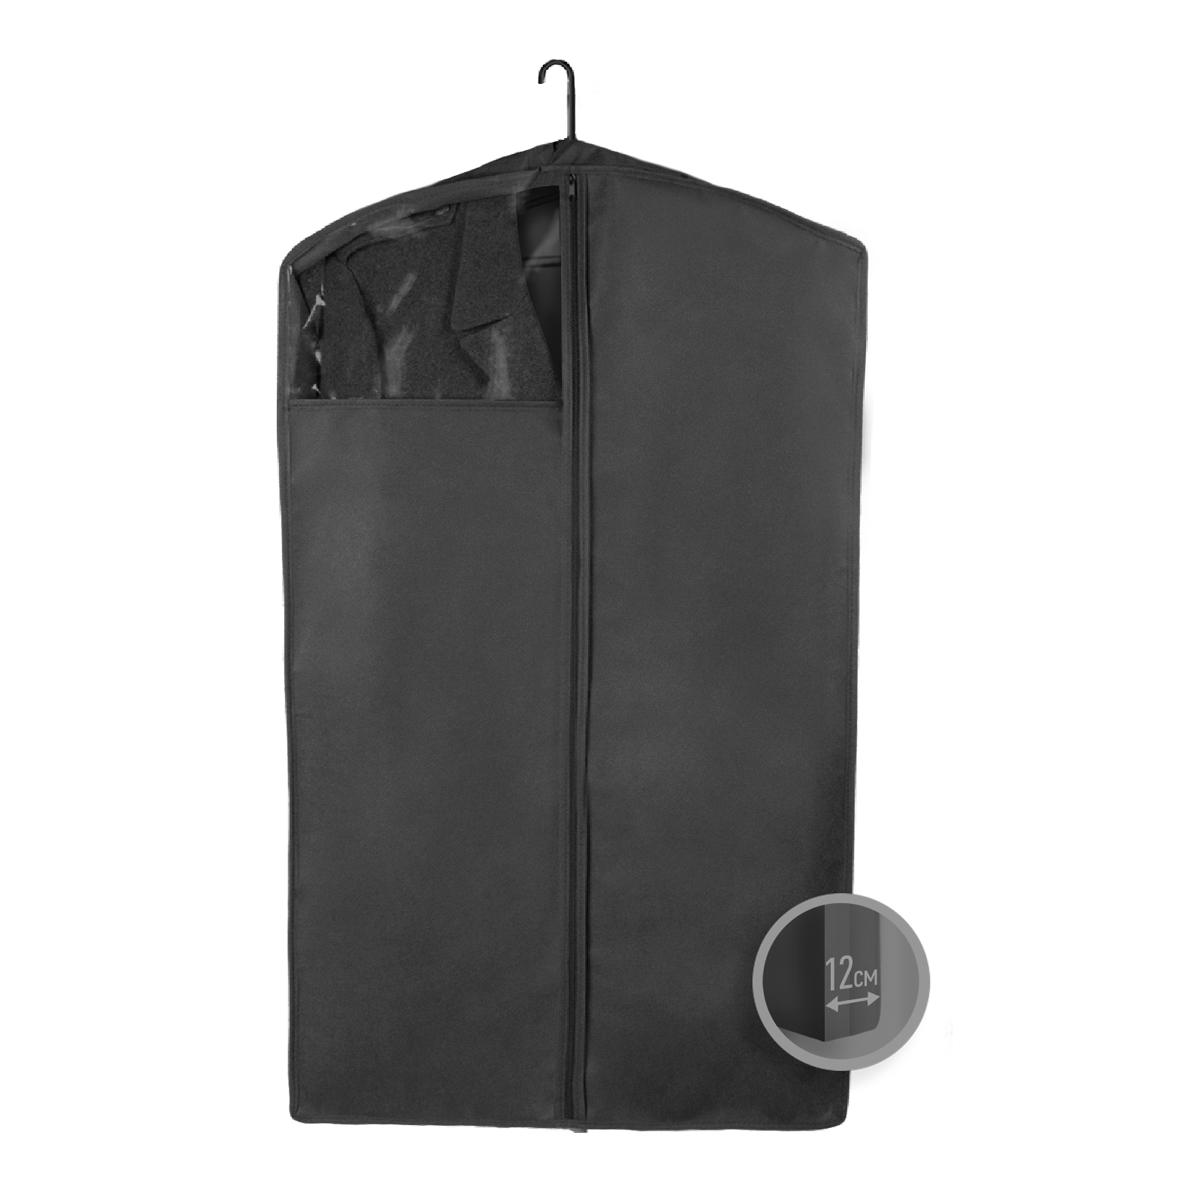 Чехол для верхней одежды Miolla, с окошком, цвет: черный, 100 х 60 х 12 смES-412Чехол для верхней одежды Miolla на застежке-молнии выполнен из высококачественного нетканого материала. Прозрачное полиэтиленовое окошко позволяет видеть содержимое чехла. Подходит для длительного хранения вещей.Чехол обеспечивает вашей одежде надежную защиту от влажности, повреждений и грязи при транспортировке, от запыления при хранении и проникновения моли. Чехол обладает водоотталкивающими свойствами, а также позволяет воздуху свободно поступать внутрь вещей, обеспечивая их кондиционирование. Это особенно важно при хранении кожаных и меховых изделий.Размер чехла: 100 х 60 х 12 см.